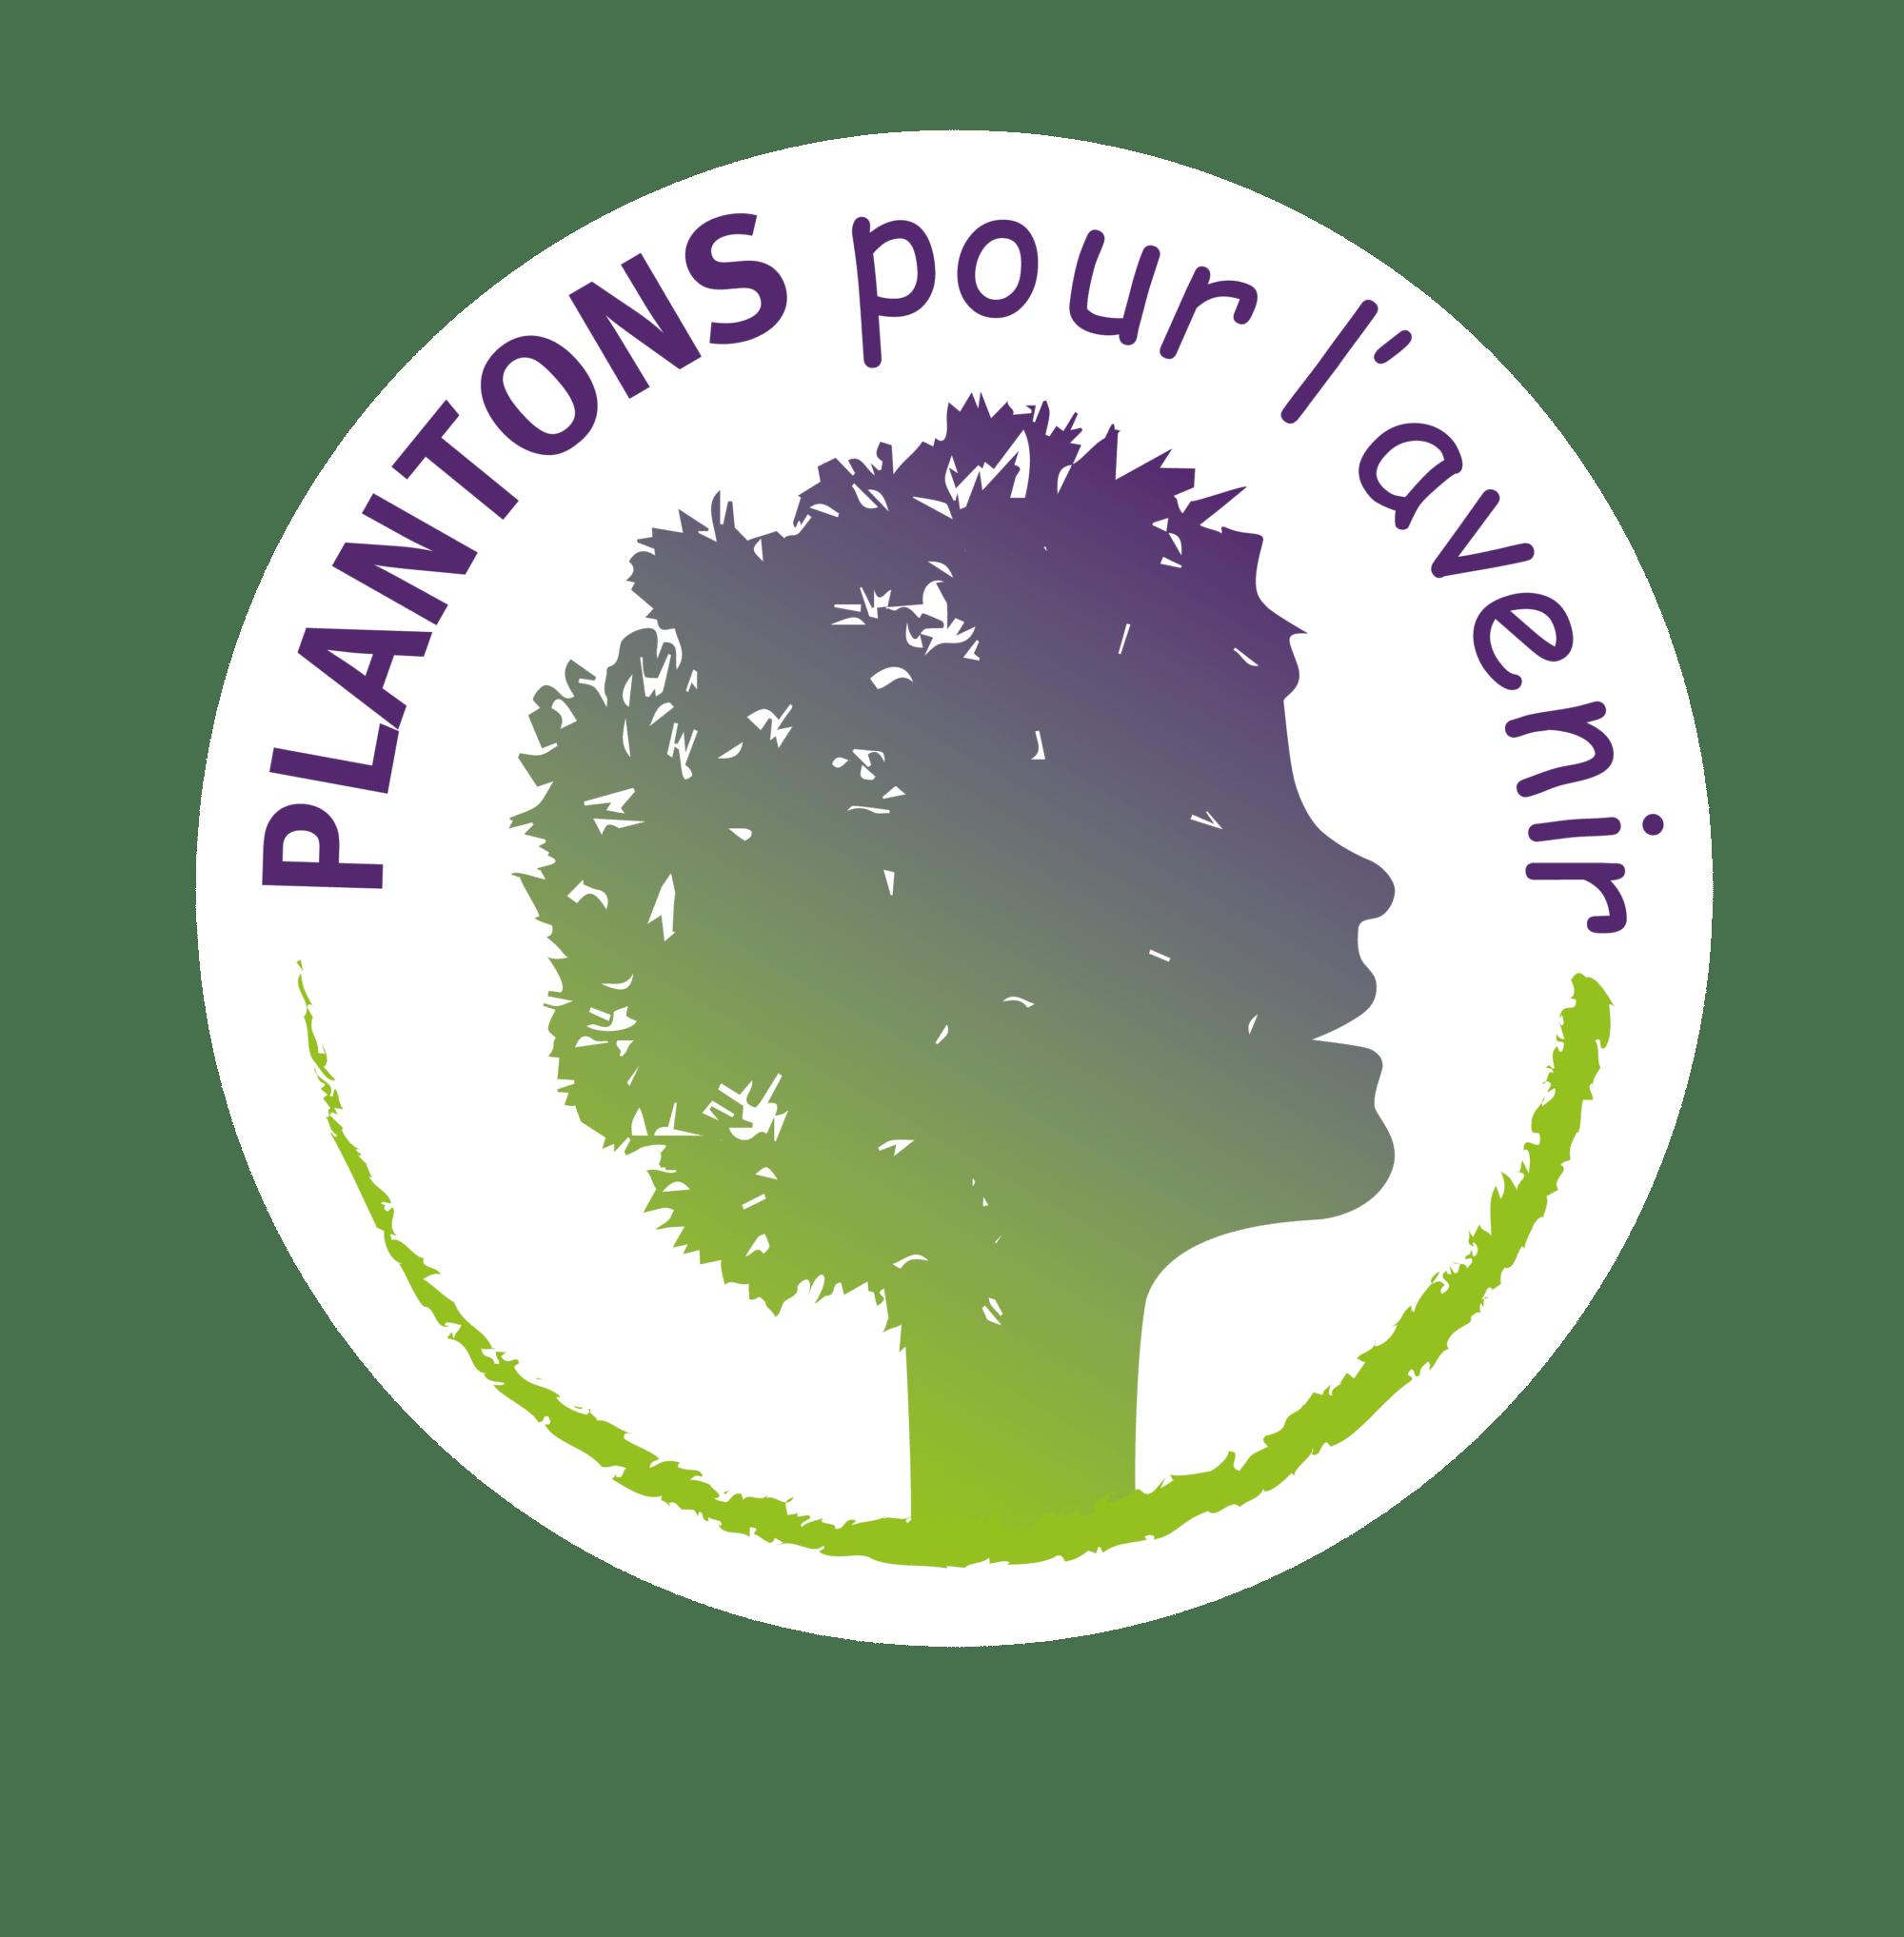 Planton pour l'avenir